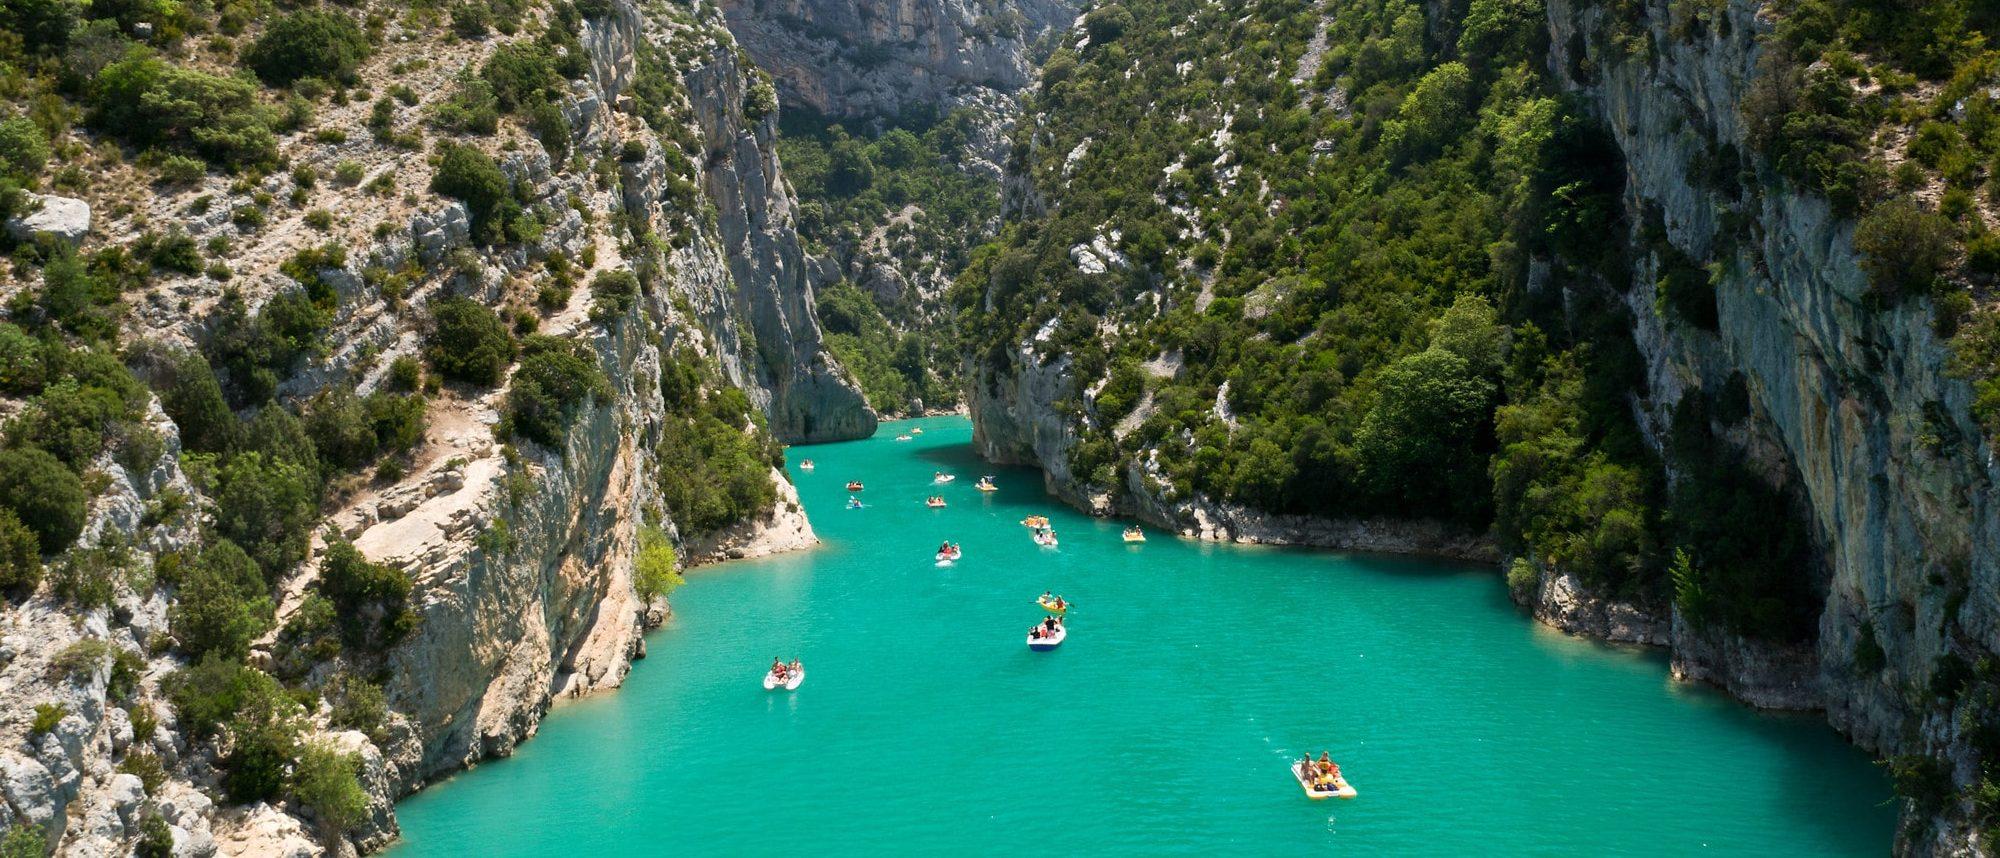 Das wunderschöne türkisblaue Wasser der Verdonschlucht.